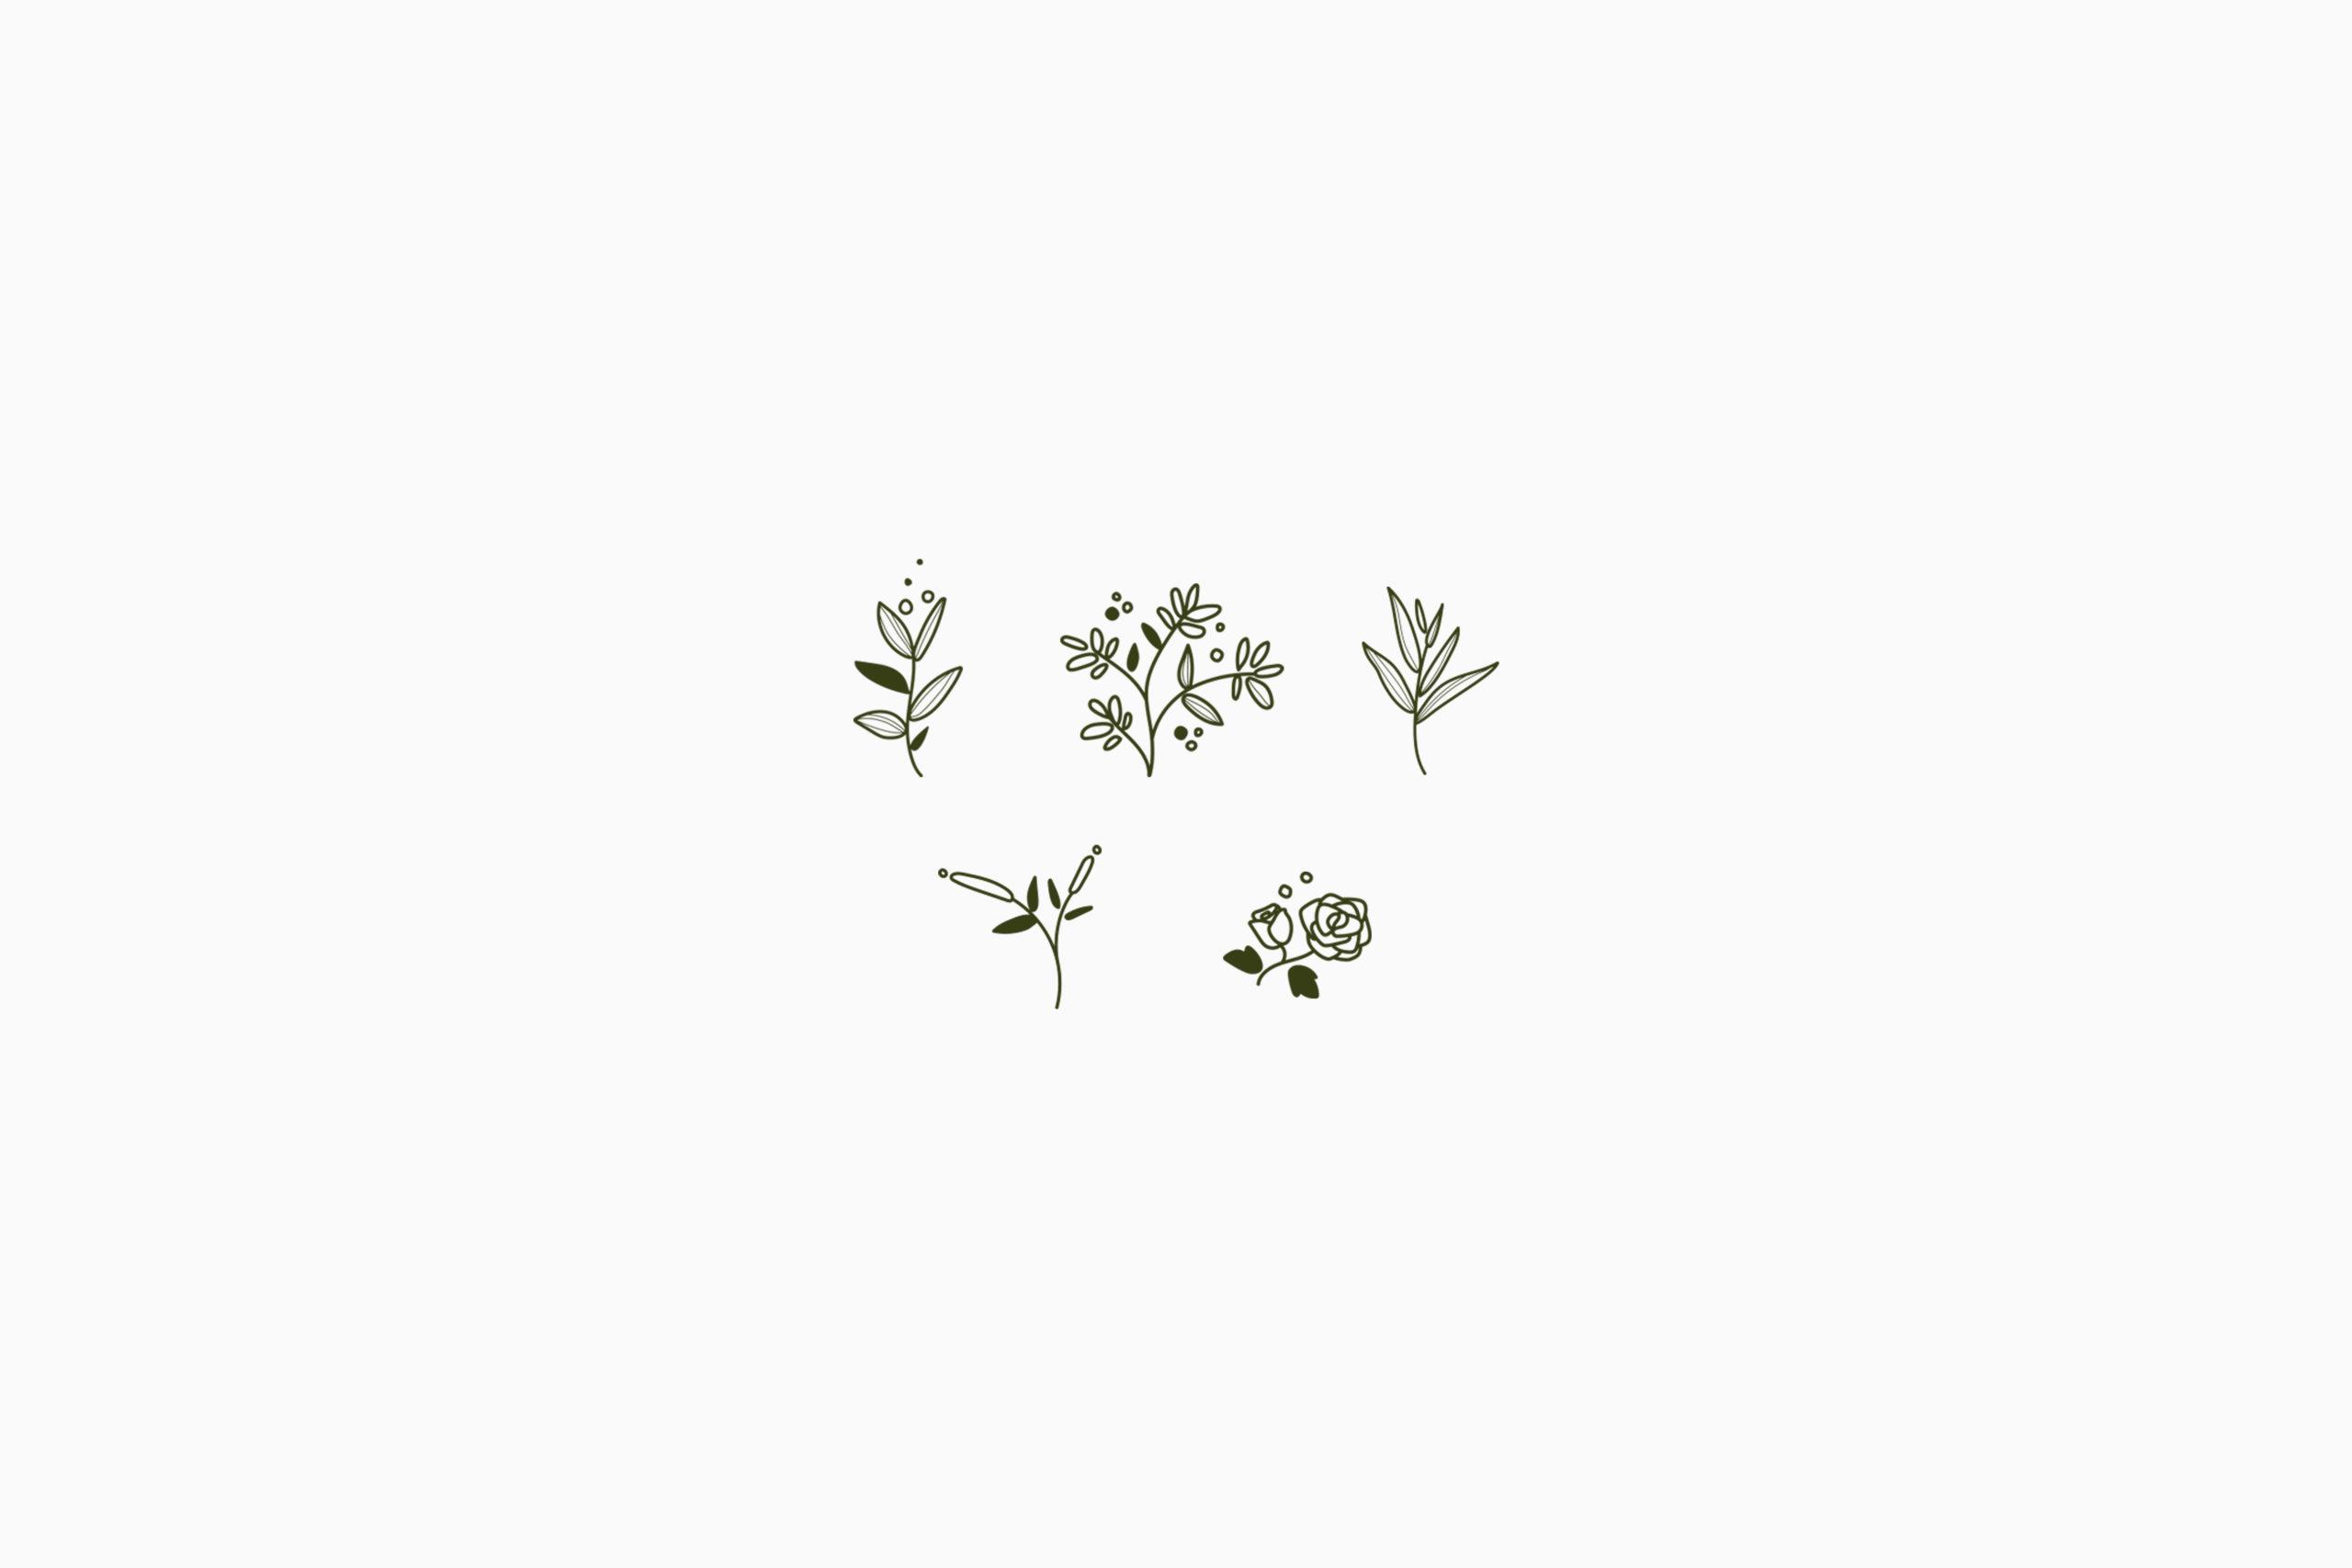 5 pictogrammes de fleurs verte sur fond blanc